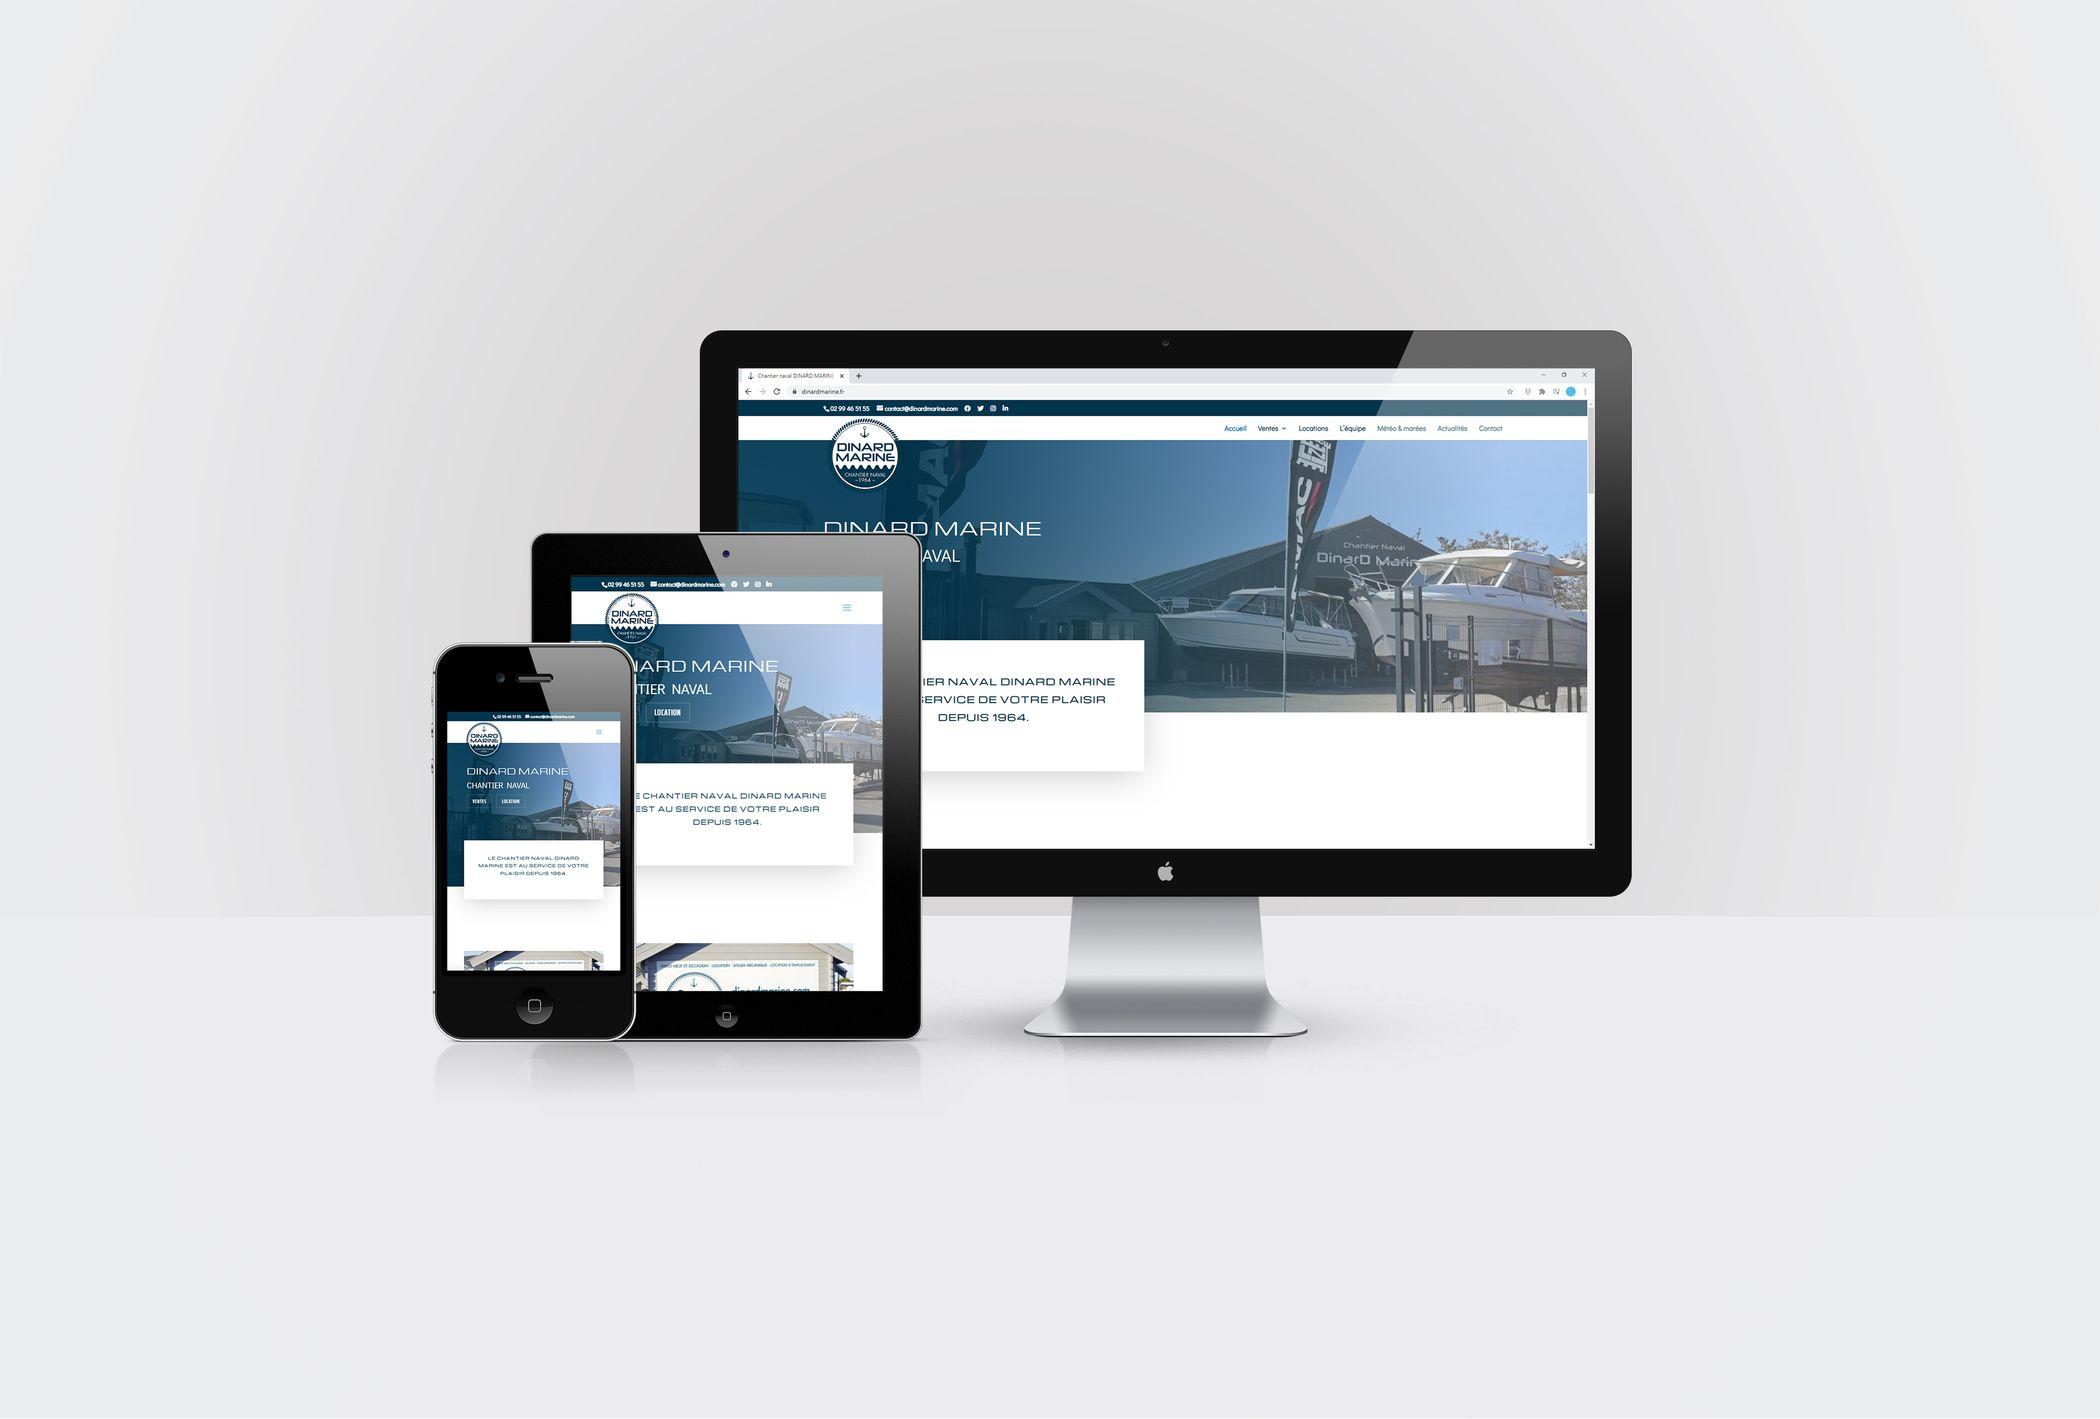 Formation animer son site internet WordPress avec DIVI pour DINARD MARINE par CréaPAGES